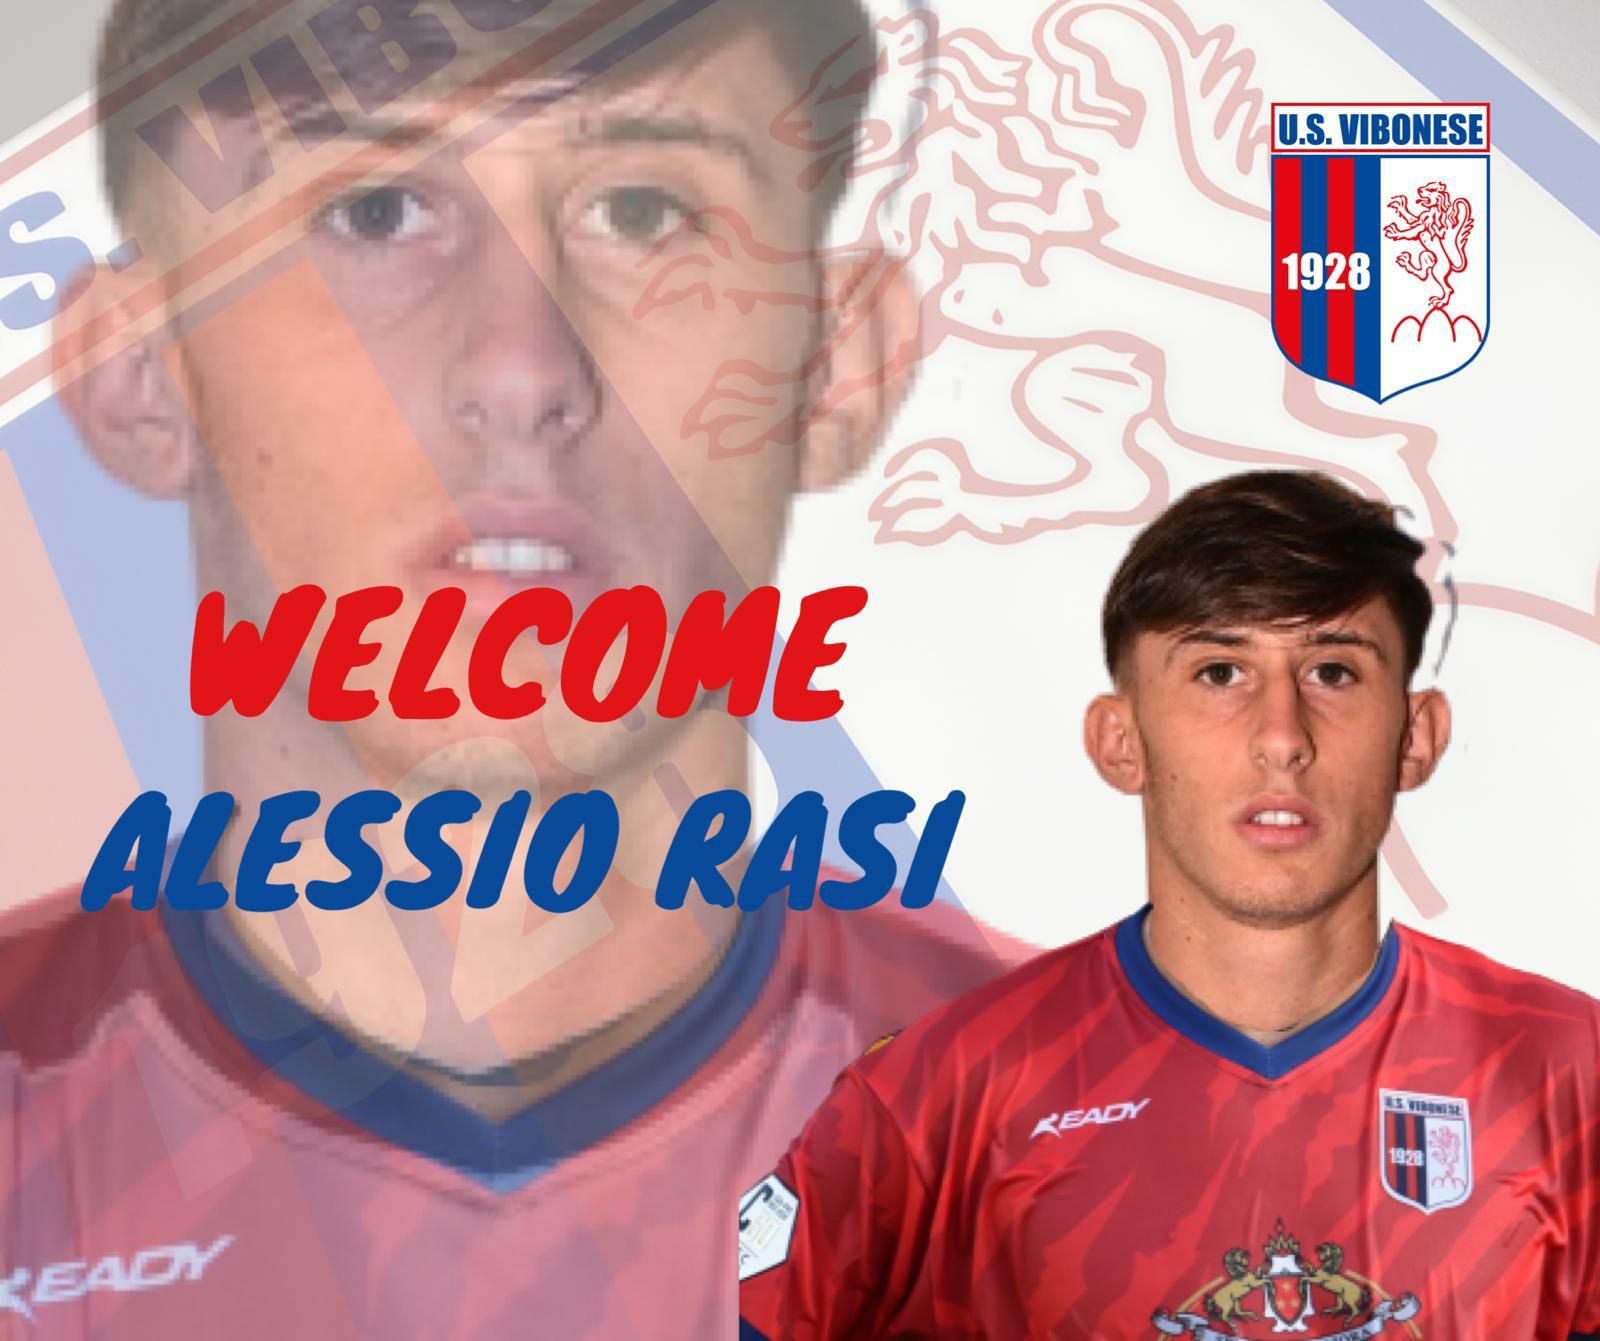 UFFICIALE | Il terzino Alessio Rasi in rossoblu immagine 15129 US Vibonese Calcio